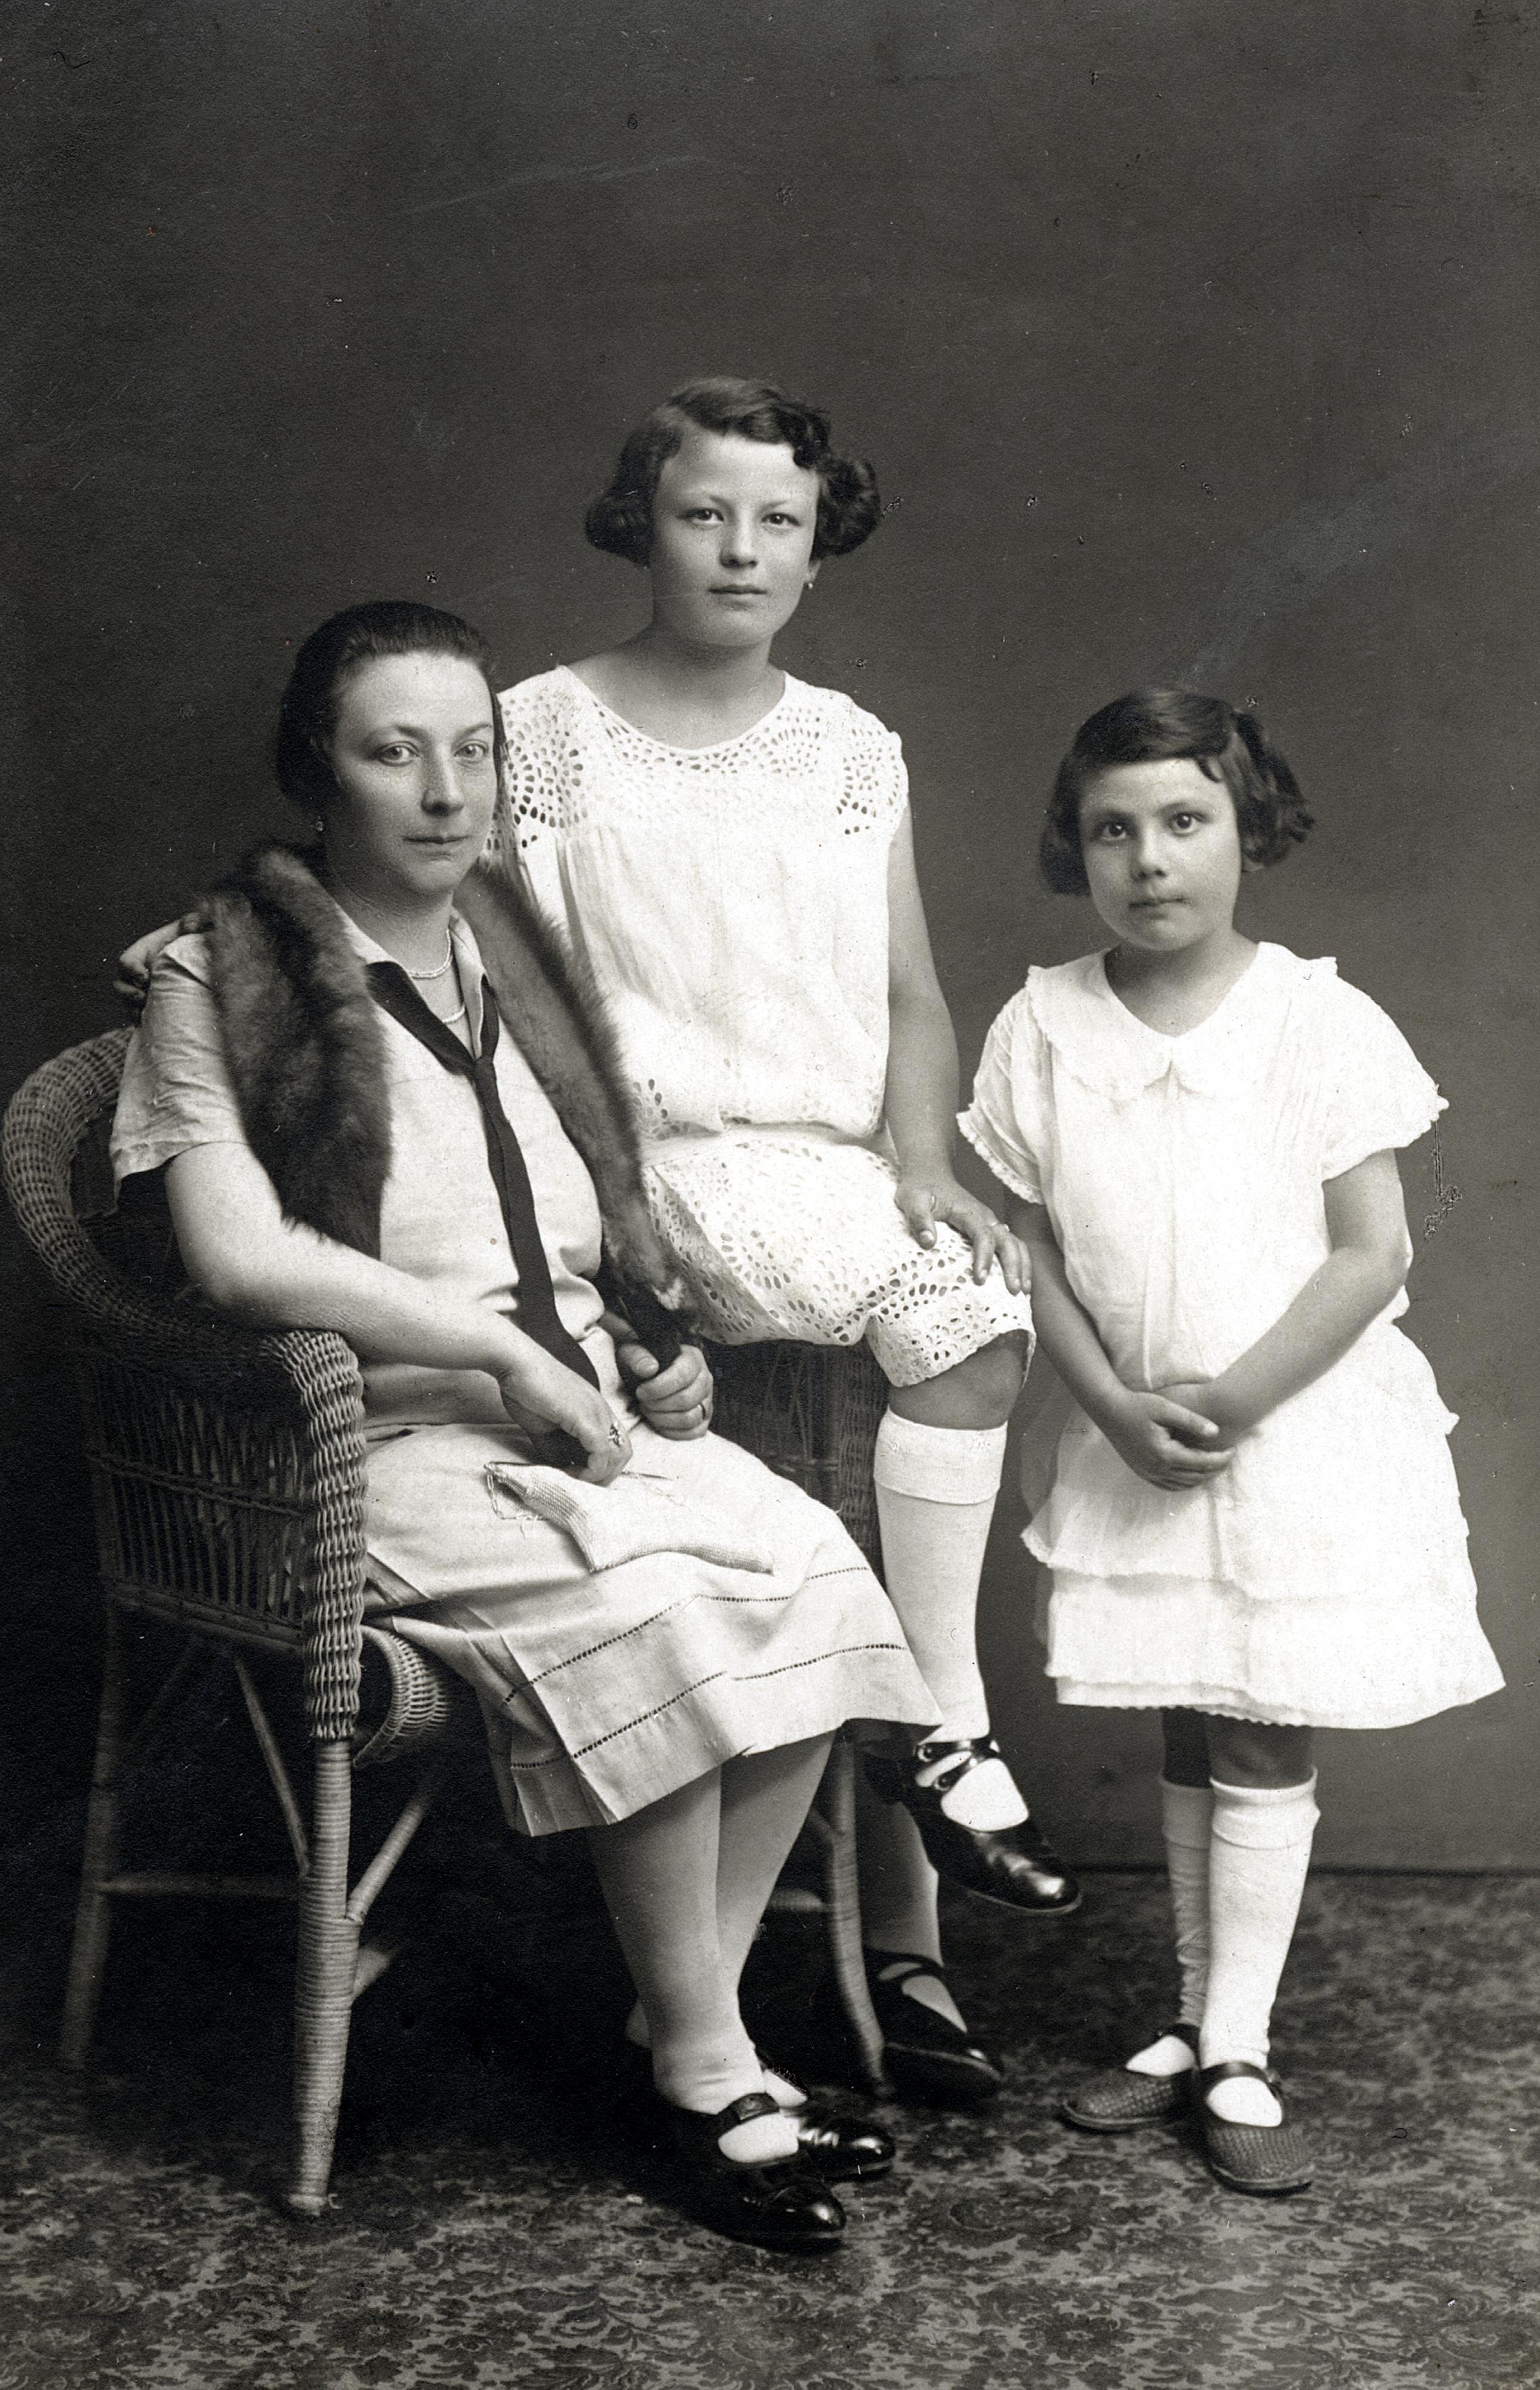 Stella Semenowsky mit ihrer Mutter Fanny Mathilde Wachtel geb. Reicher und ihrer Schwester Helene Thau geb. Wachtel